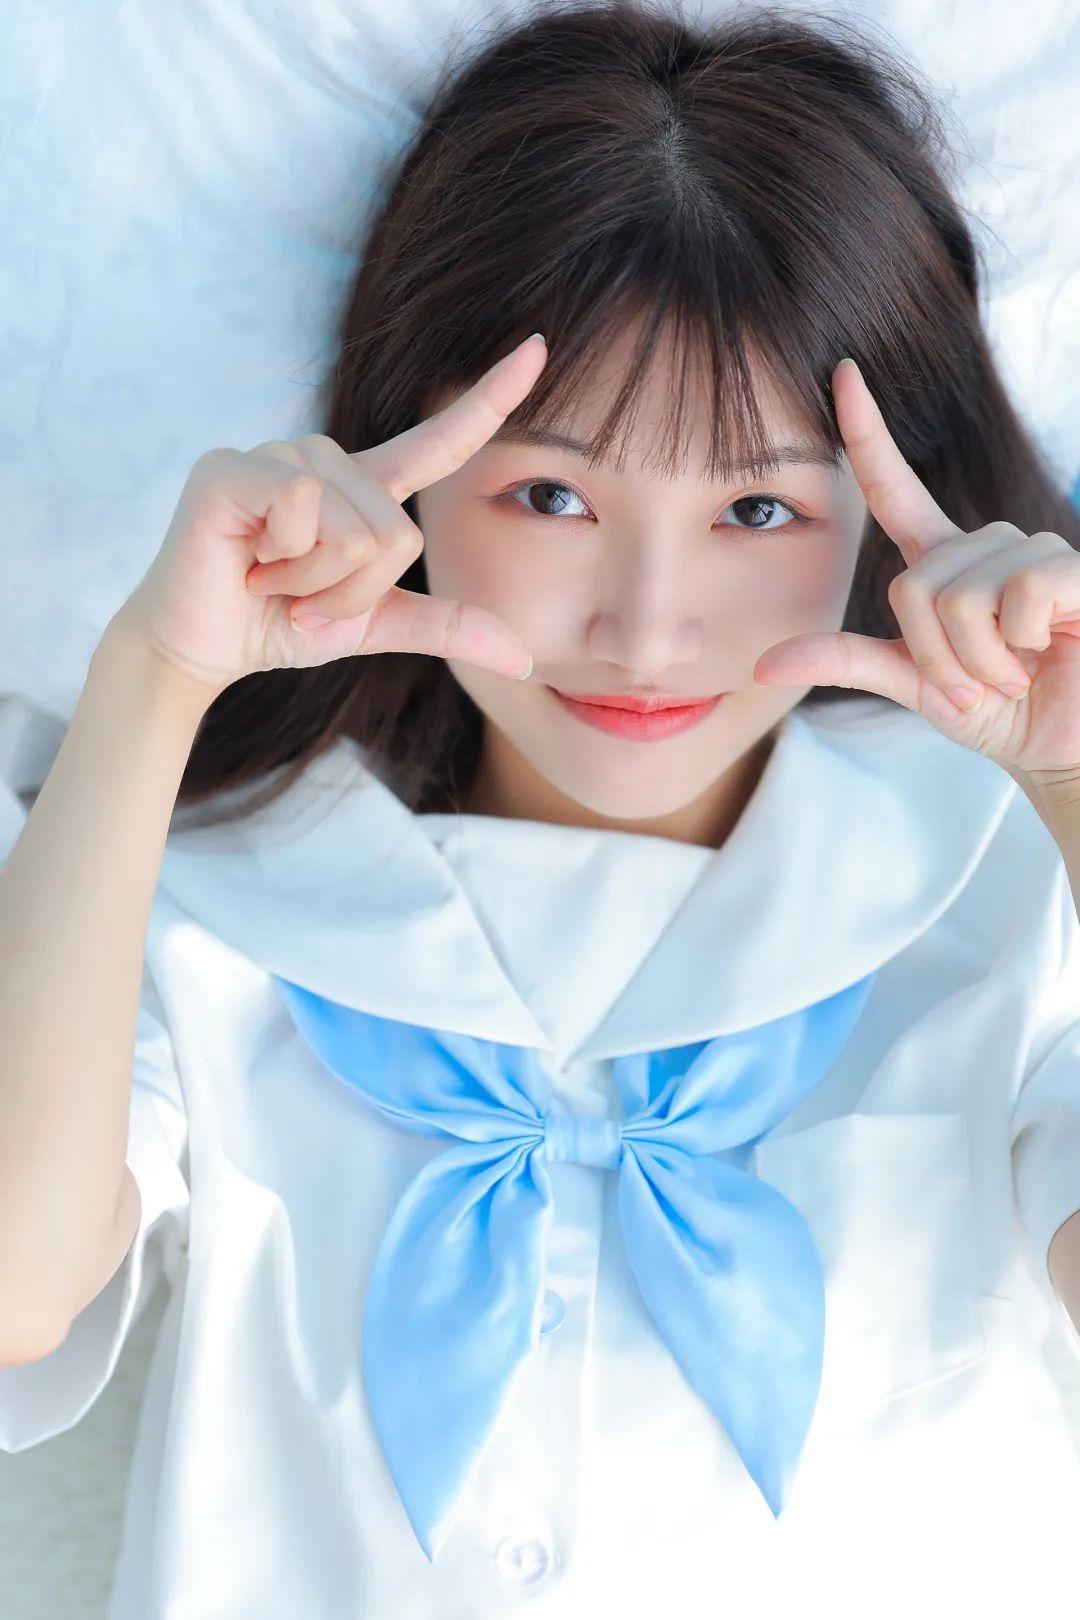 妹子摄影 – 白色连衣裙美腿少女的夏日生活_图片 No.7